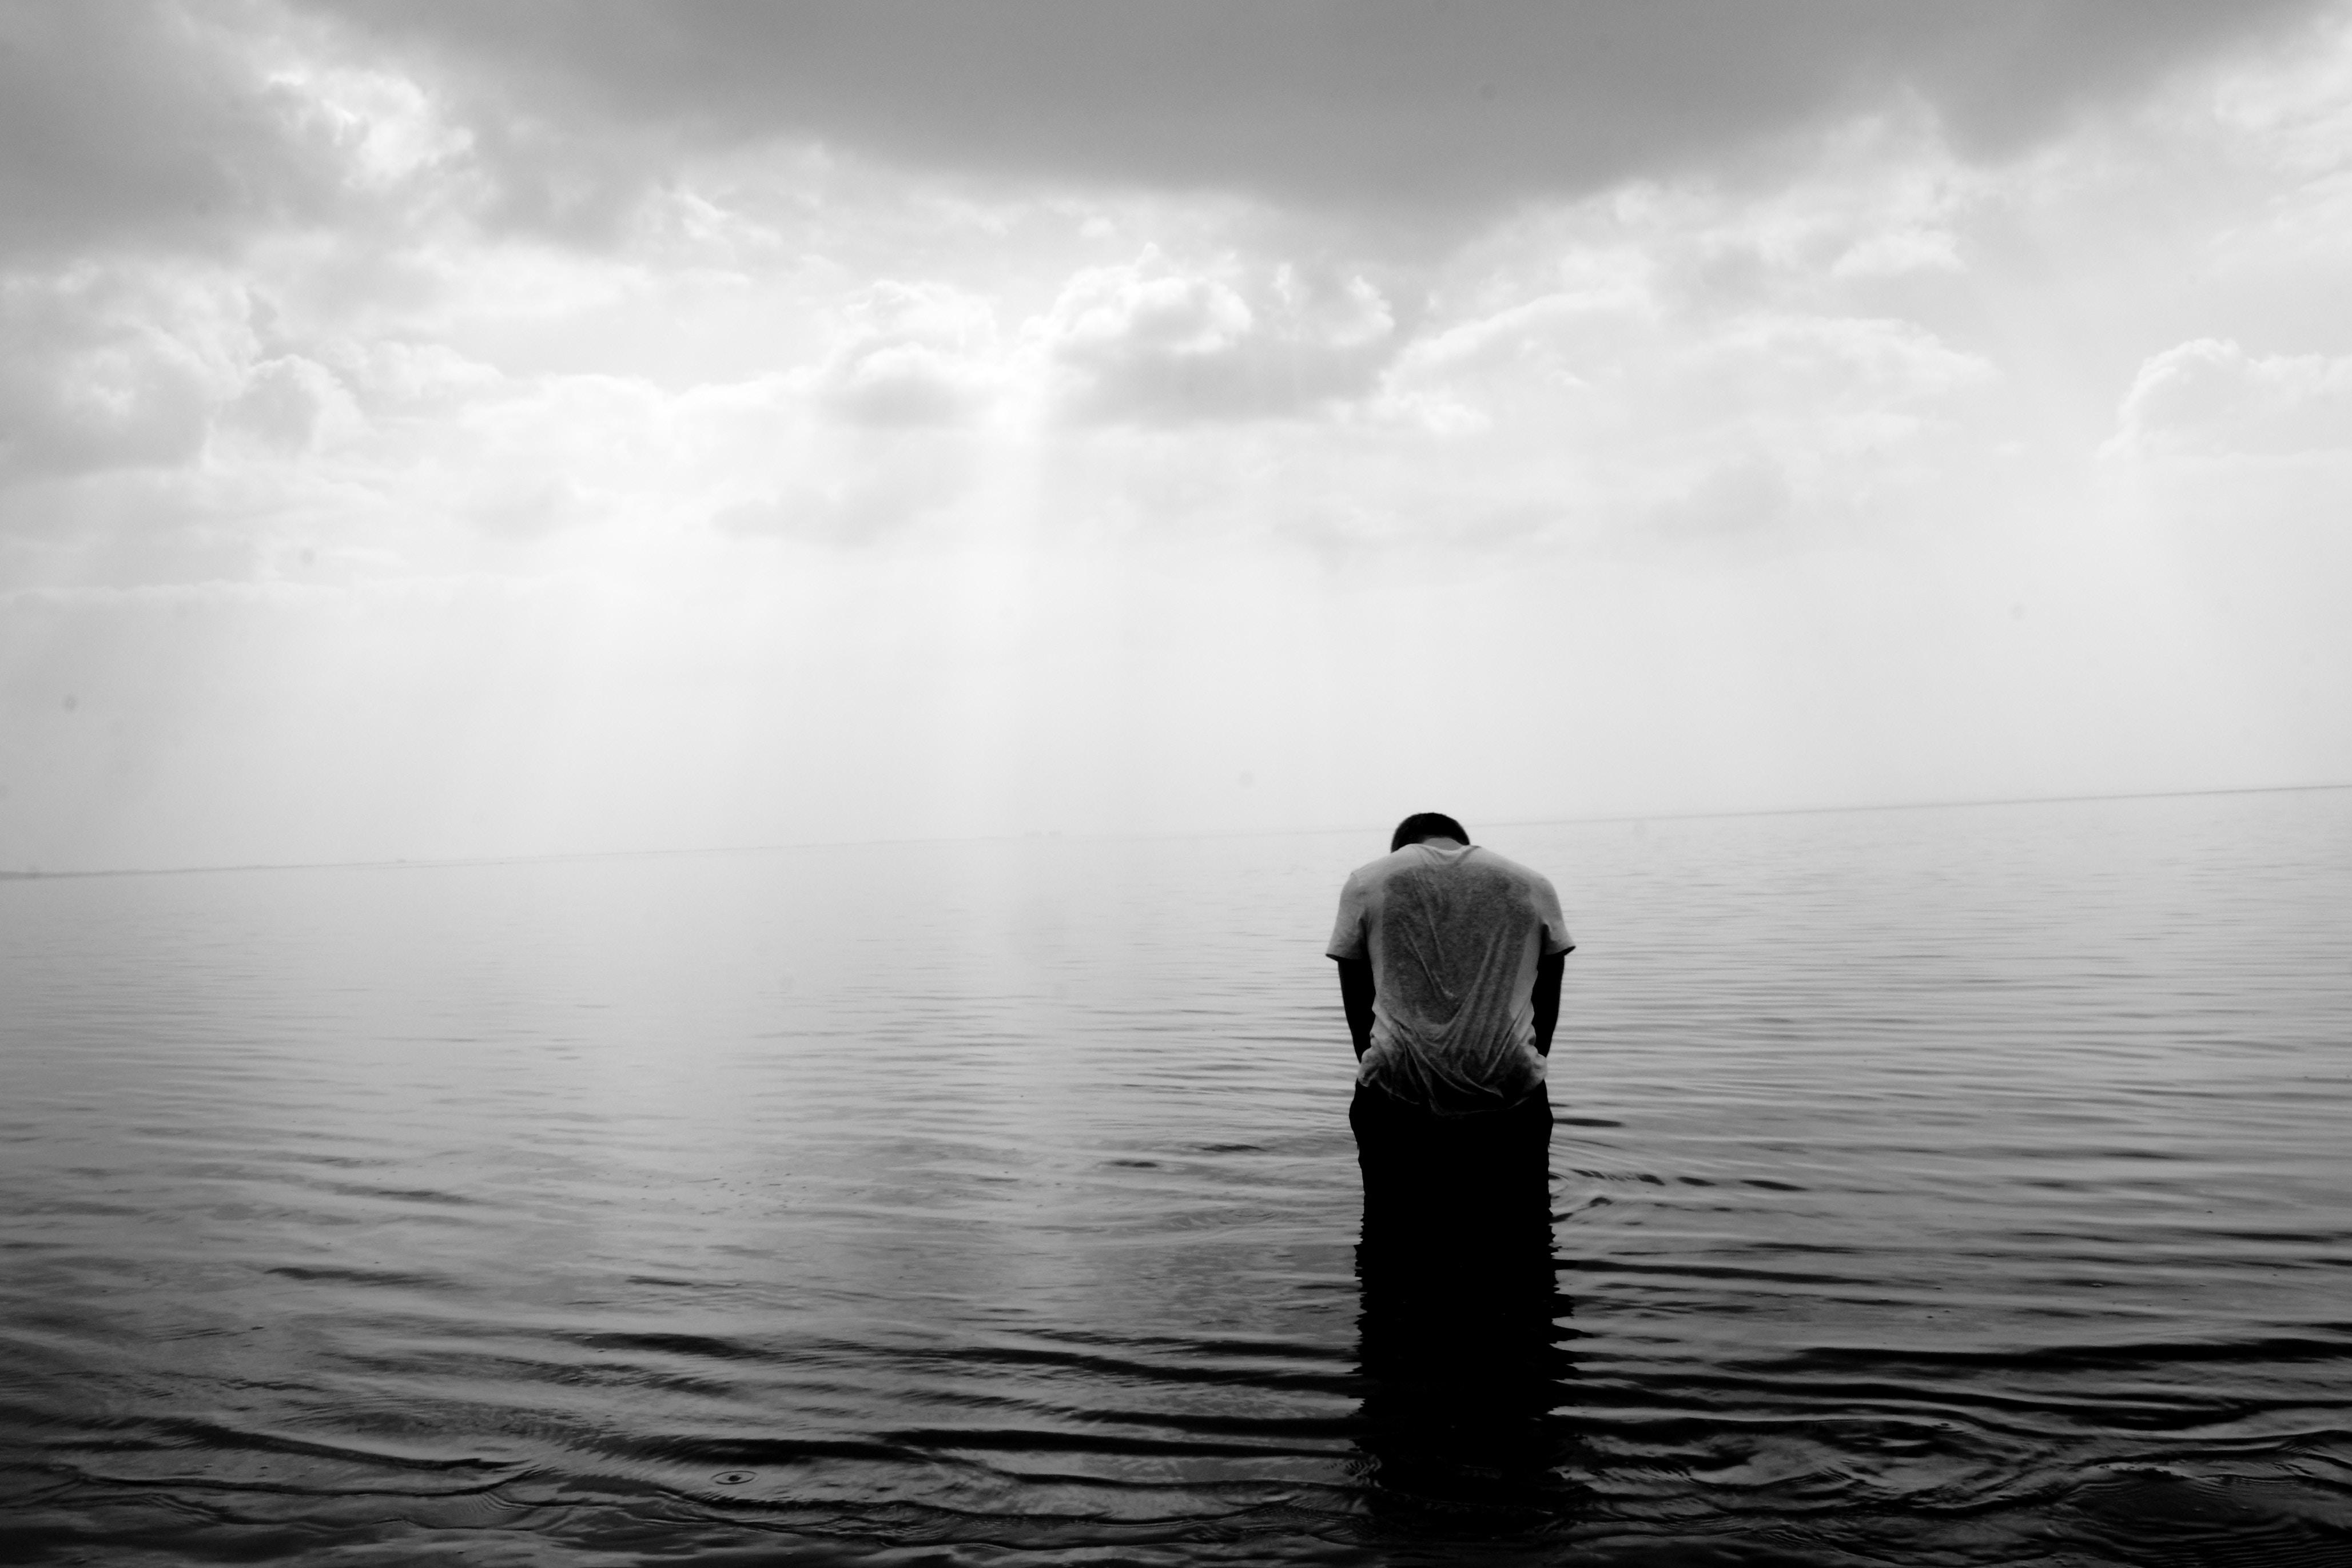 Có nhiều người có xu hướng thích tìm đến nỗi buồn, đắm chìm vào trong những khoảnh khắc cô đơn buồn tủi. Nếu như bạn thuộc kiểu người này, thì đừng ngại ...